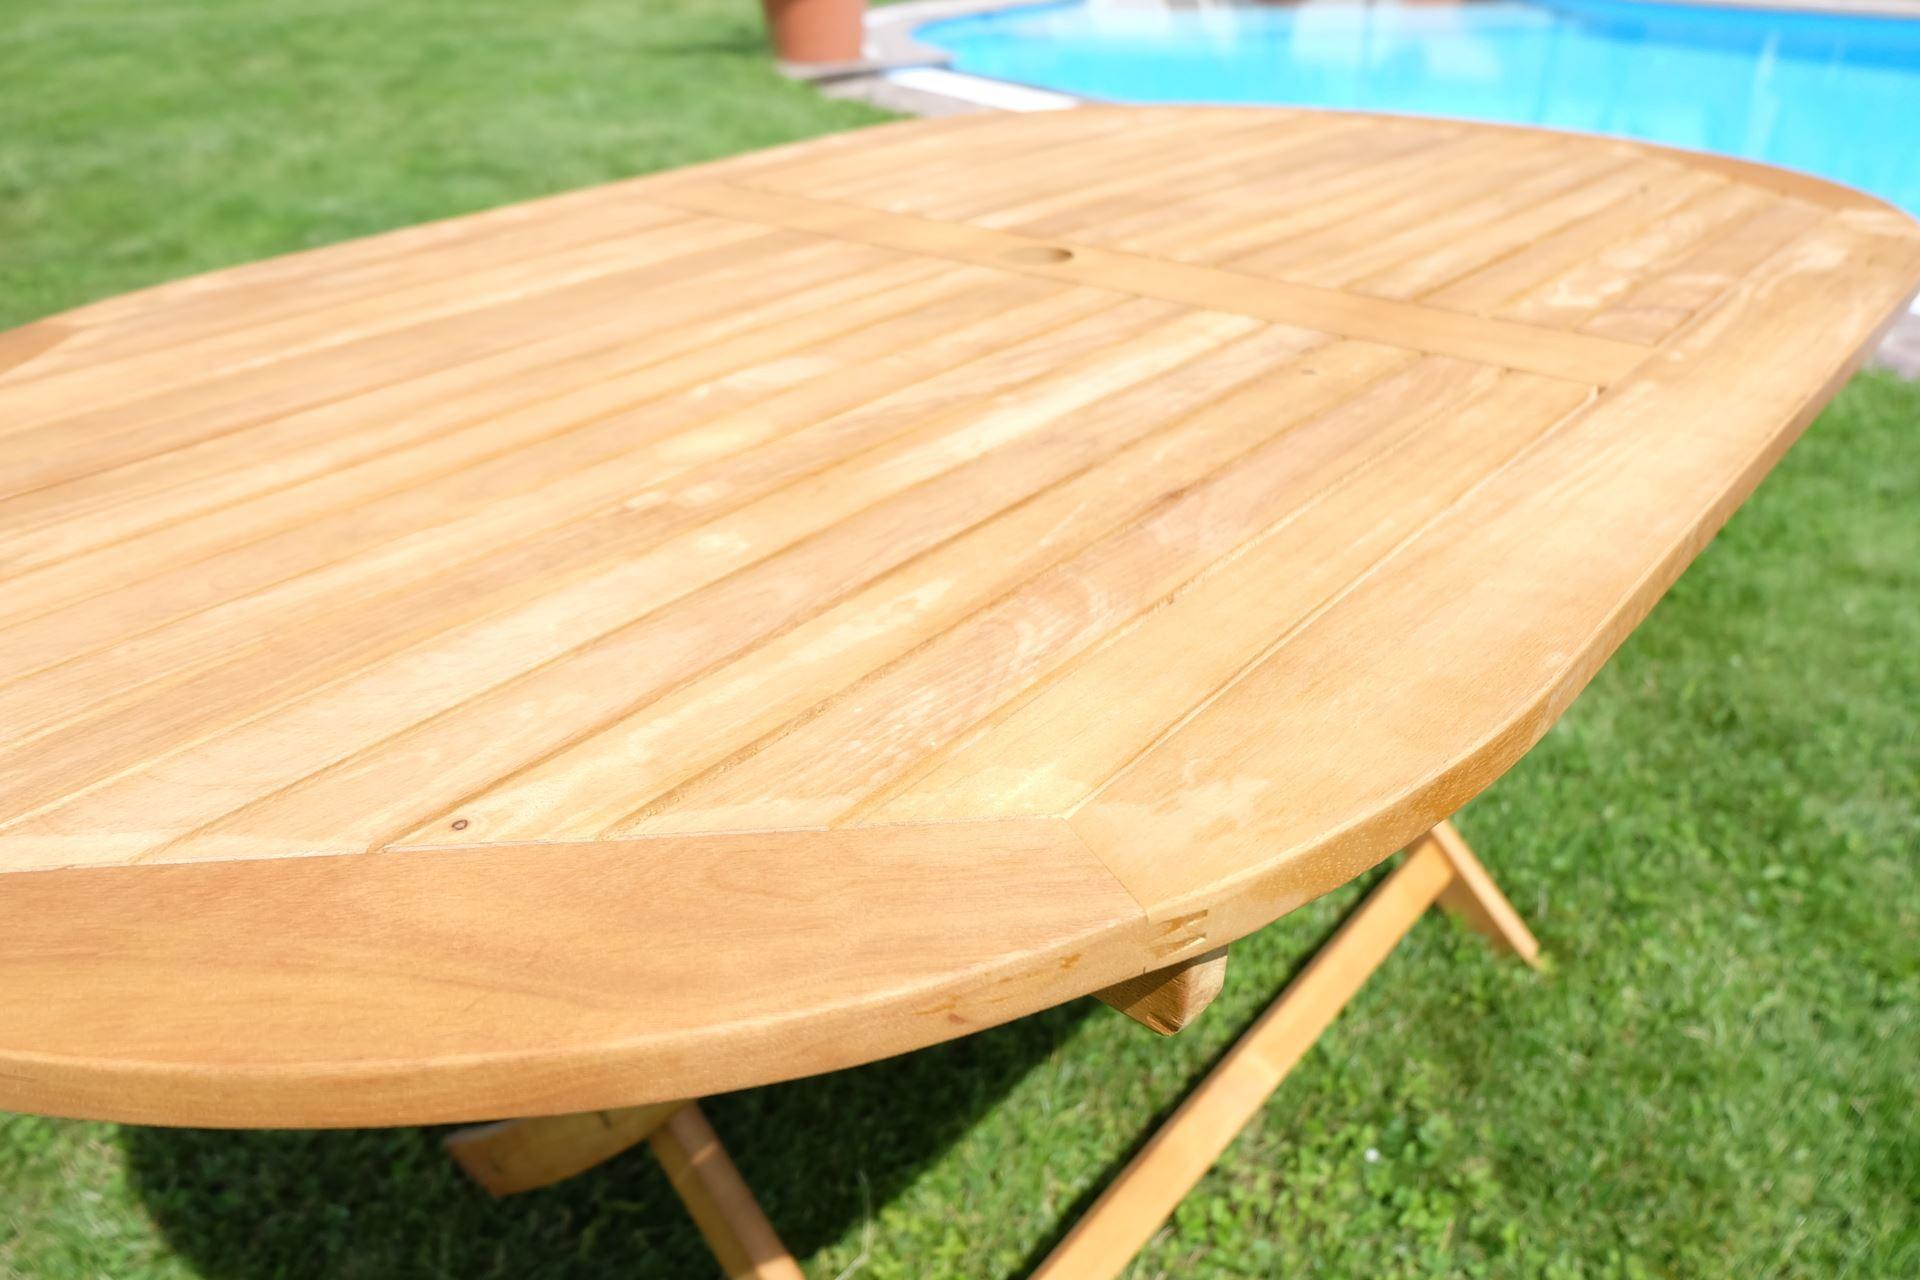 Klapptisch holztisch gartentisch garten tisch oval for Holztisch garten